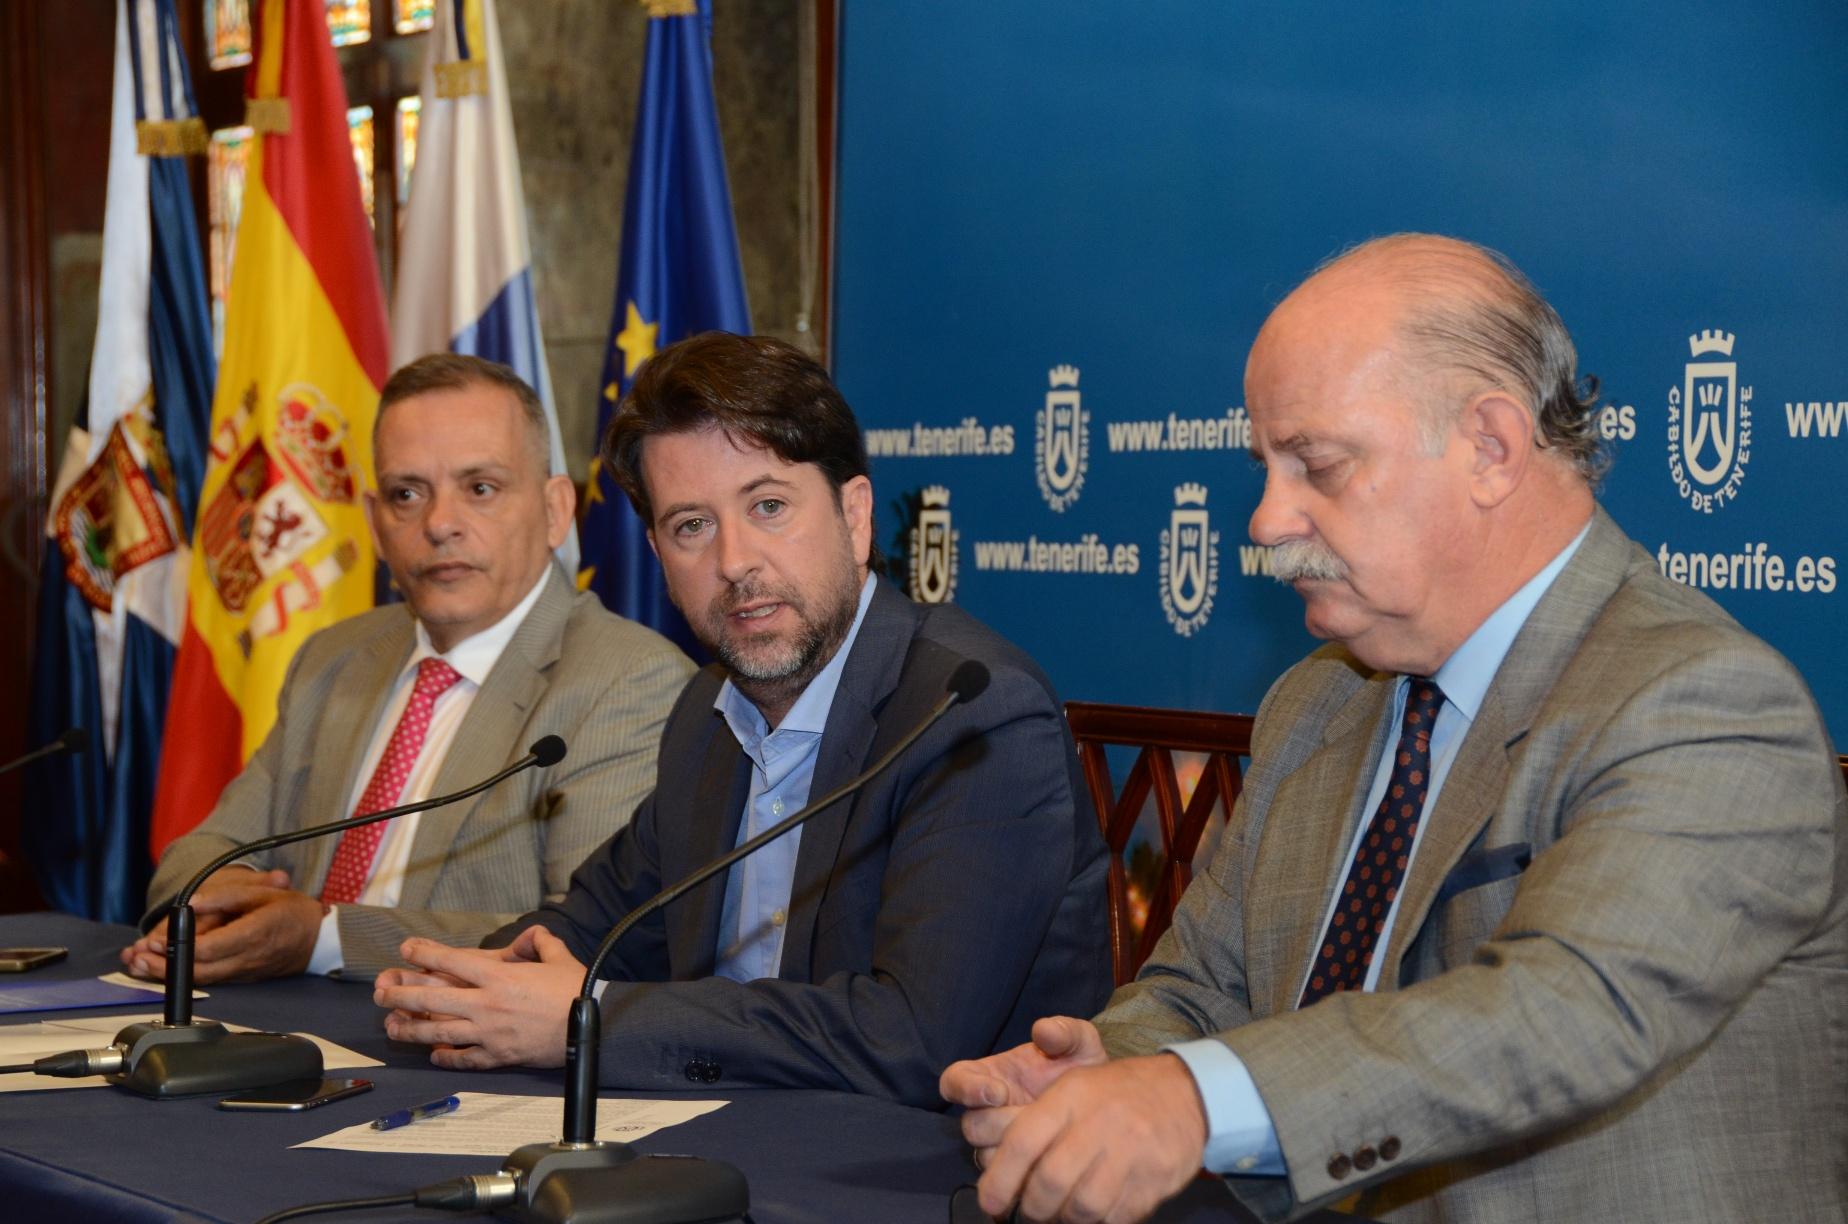 FOTO 1.- Efraín Medina, Carlos Alonso e Ignacio Pintado